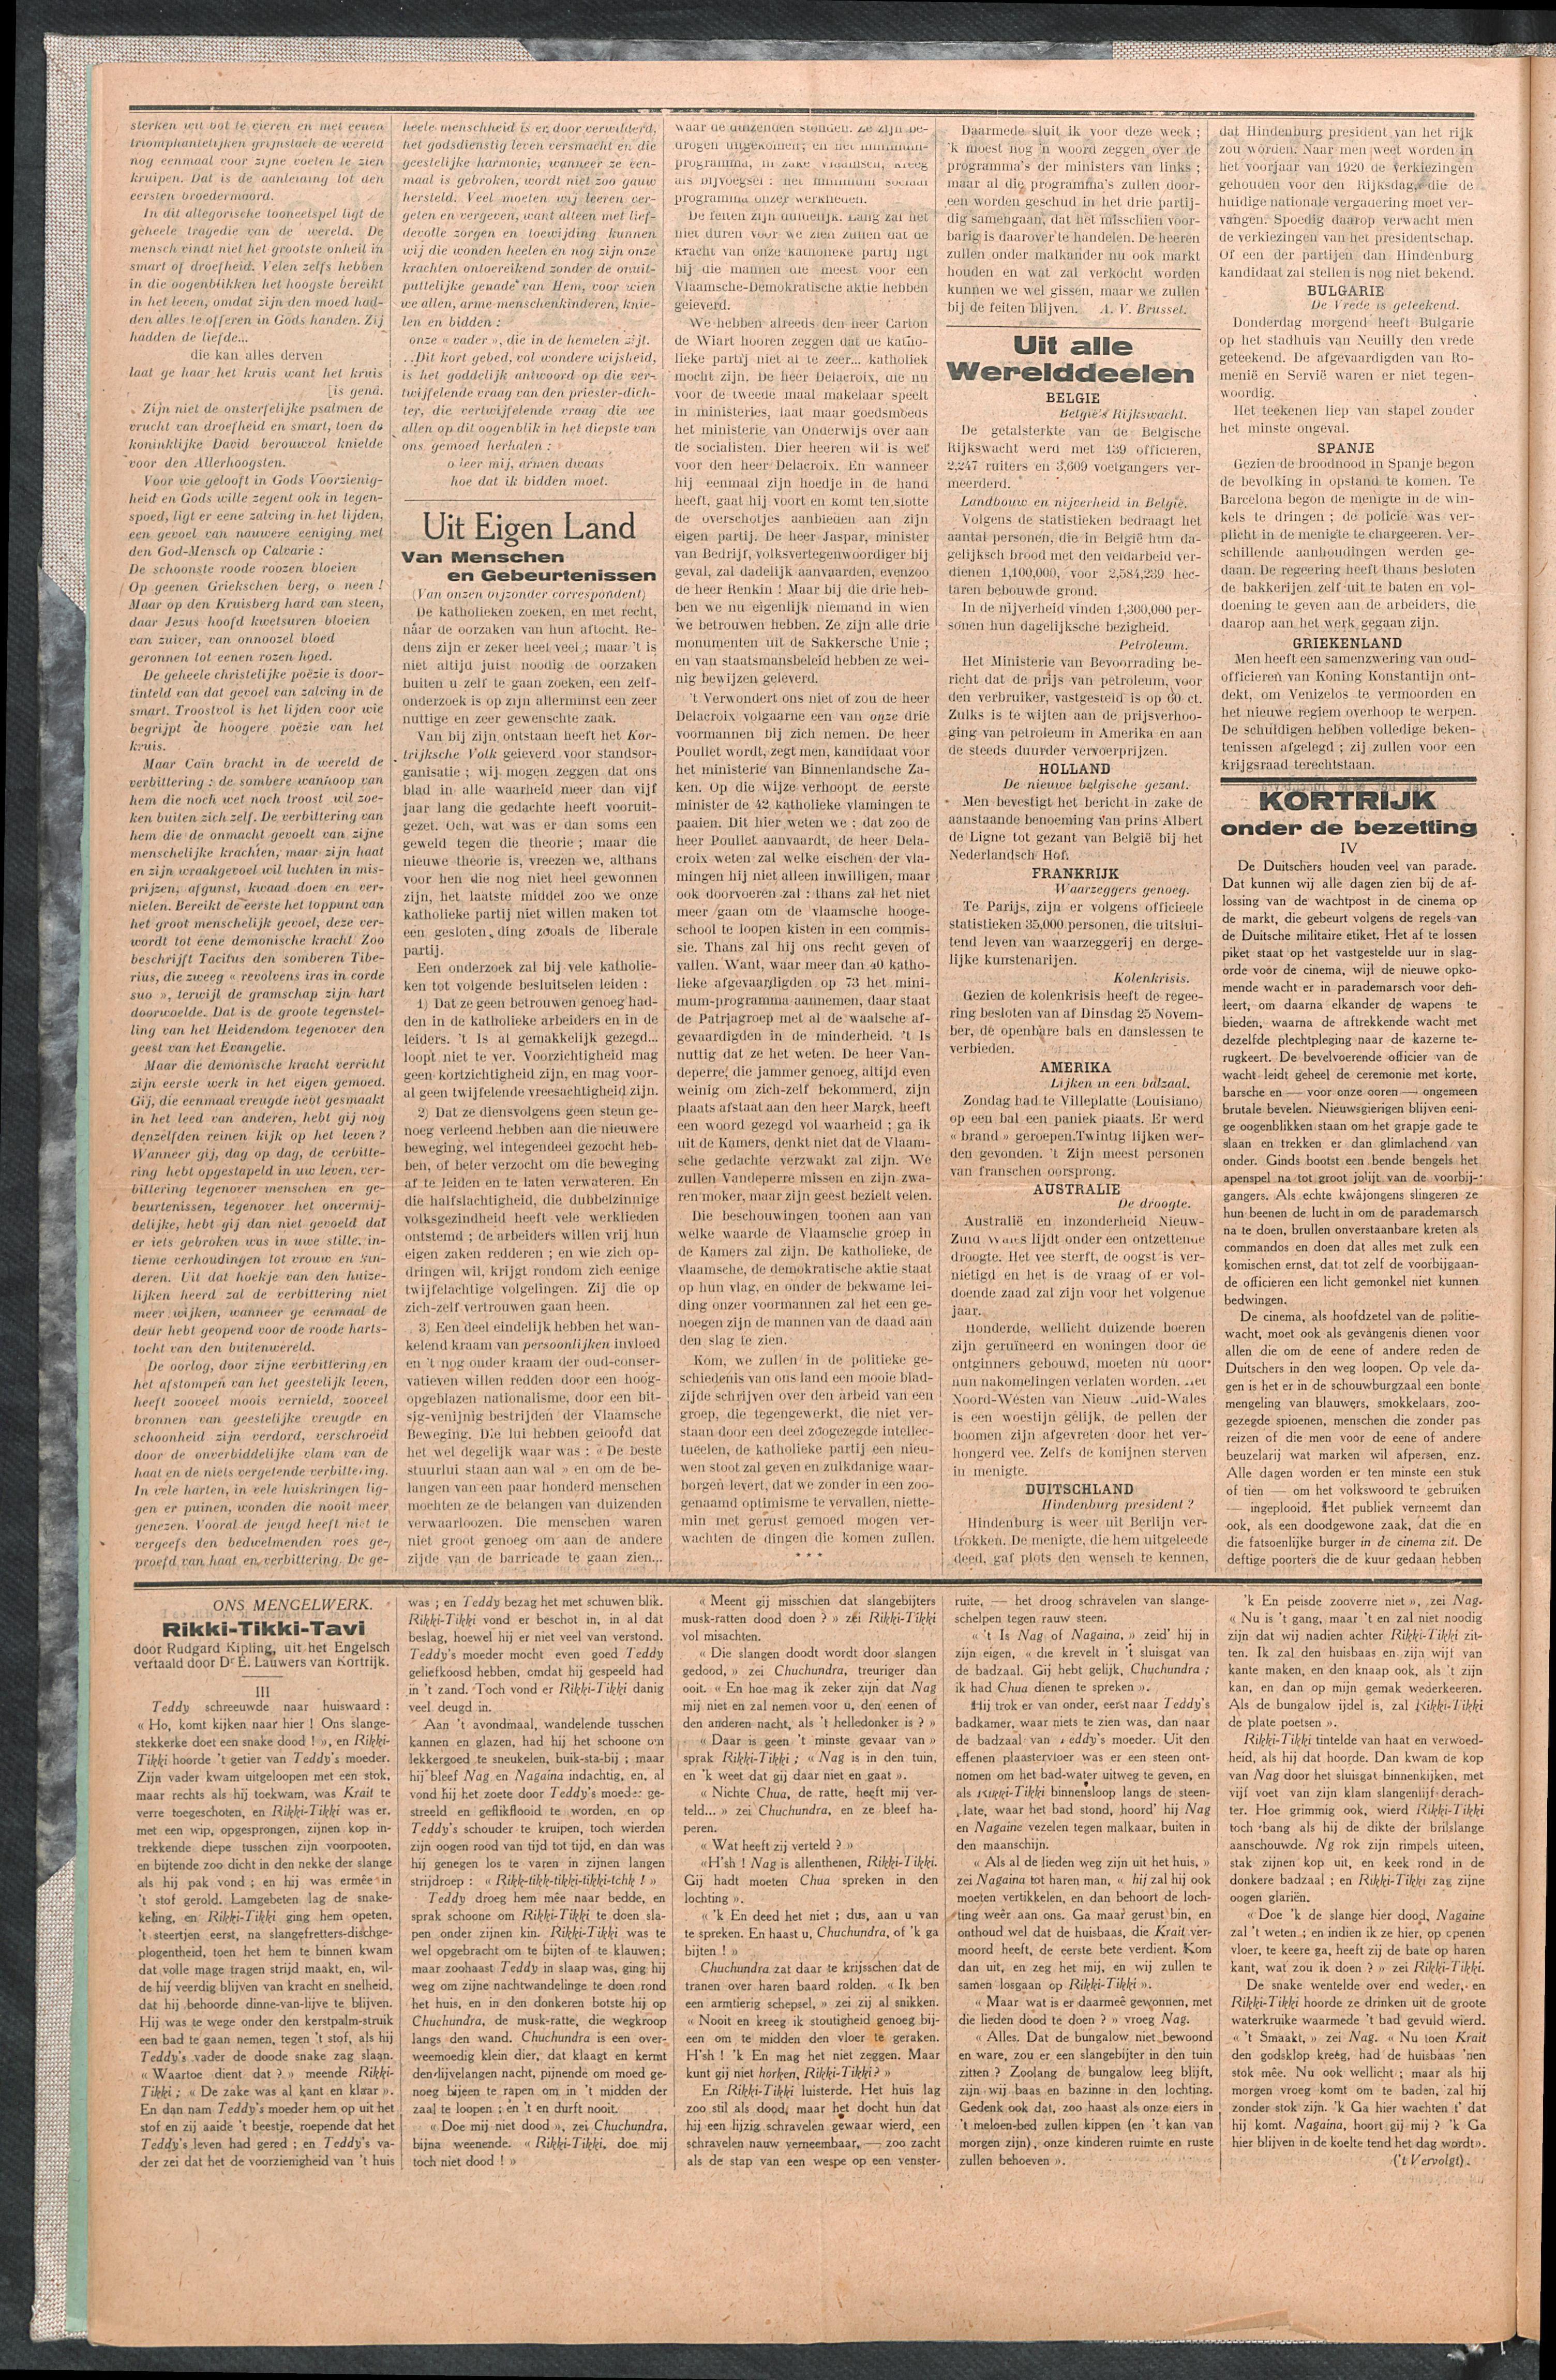 Het Kortrijksche Volk 1919-11-30 p2